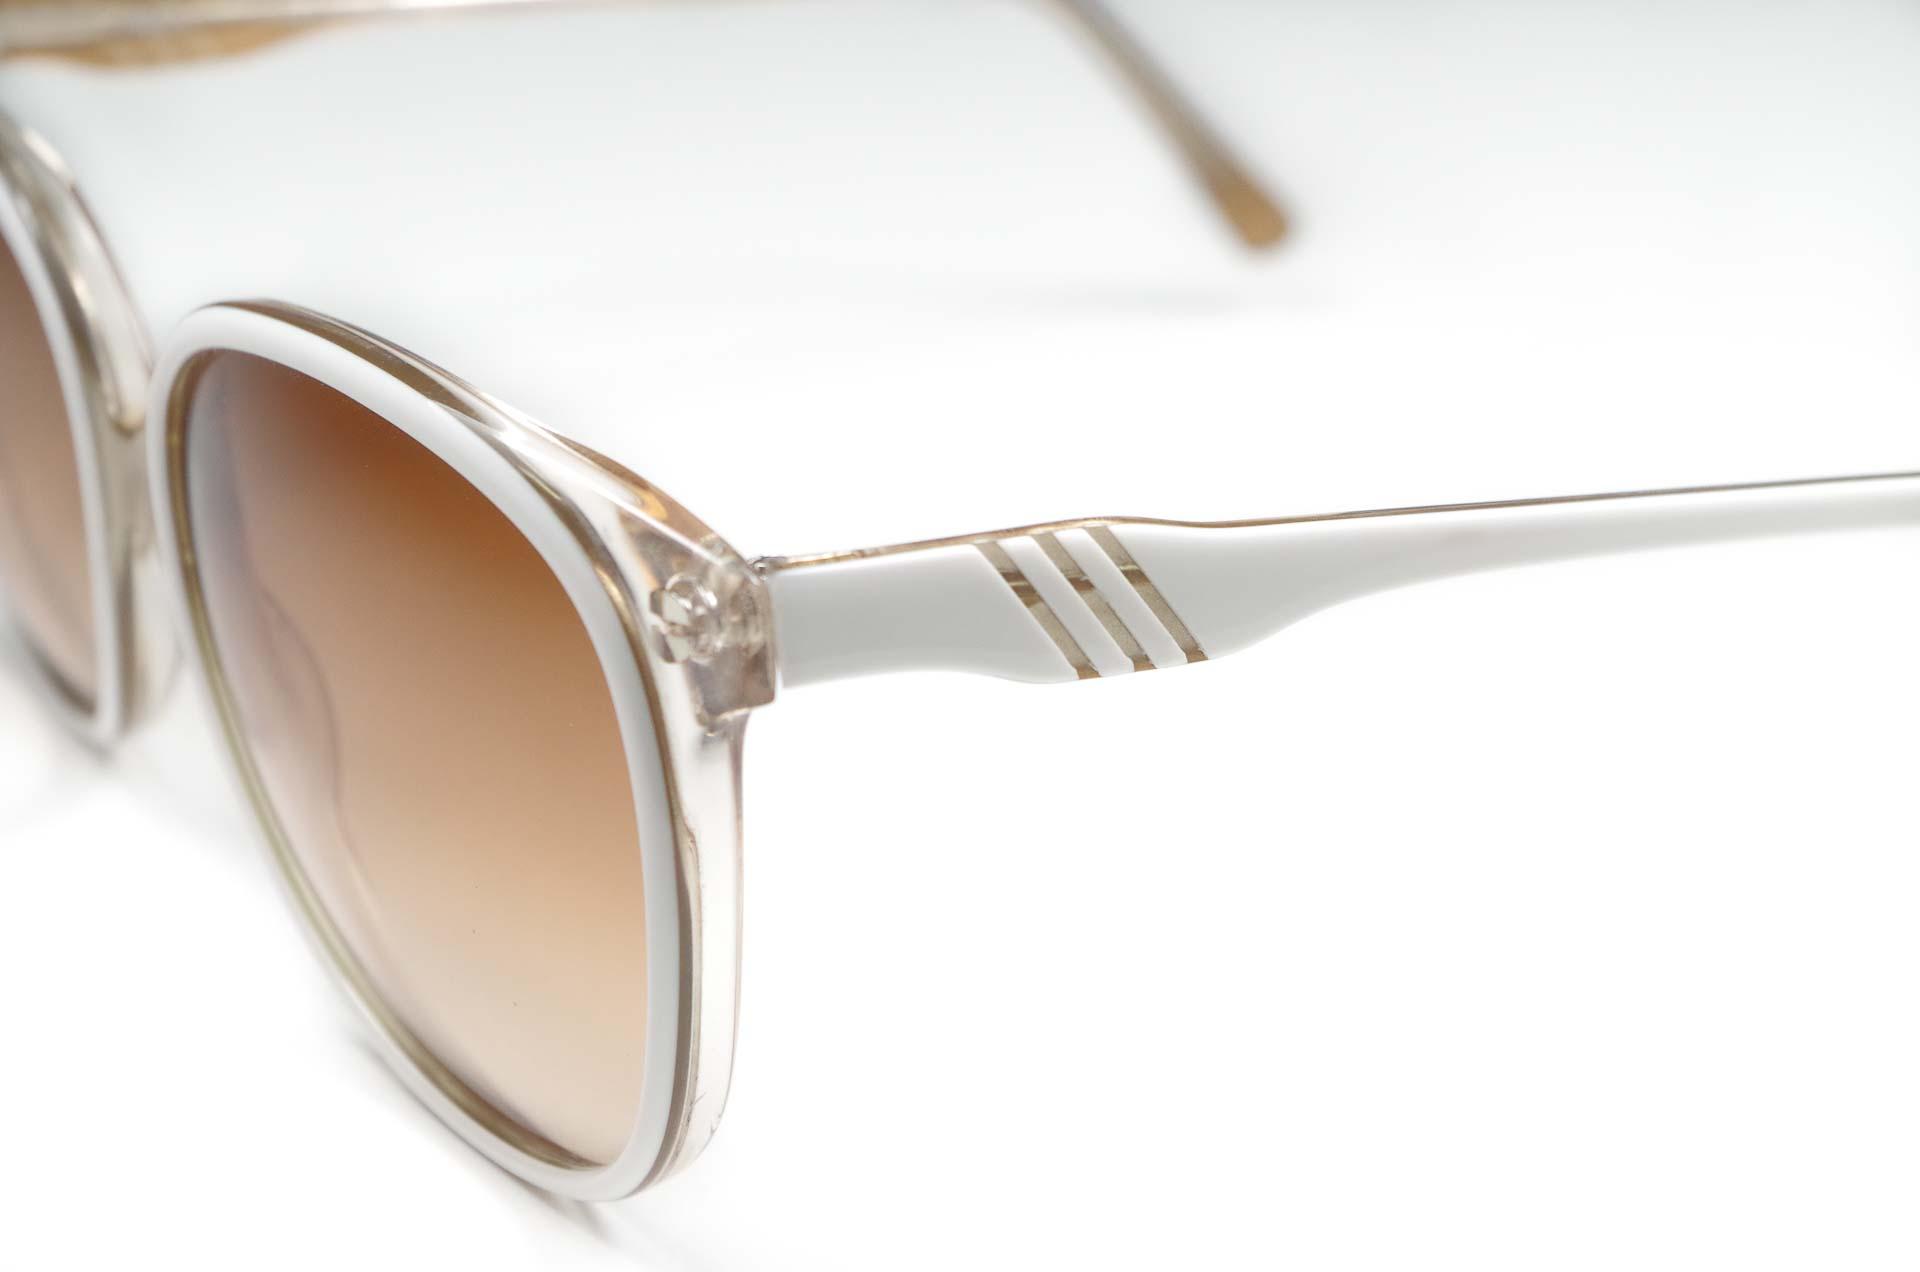 occhiali da sole bianchi 2